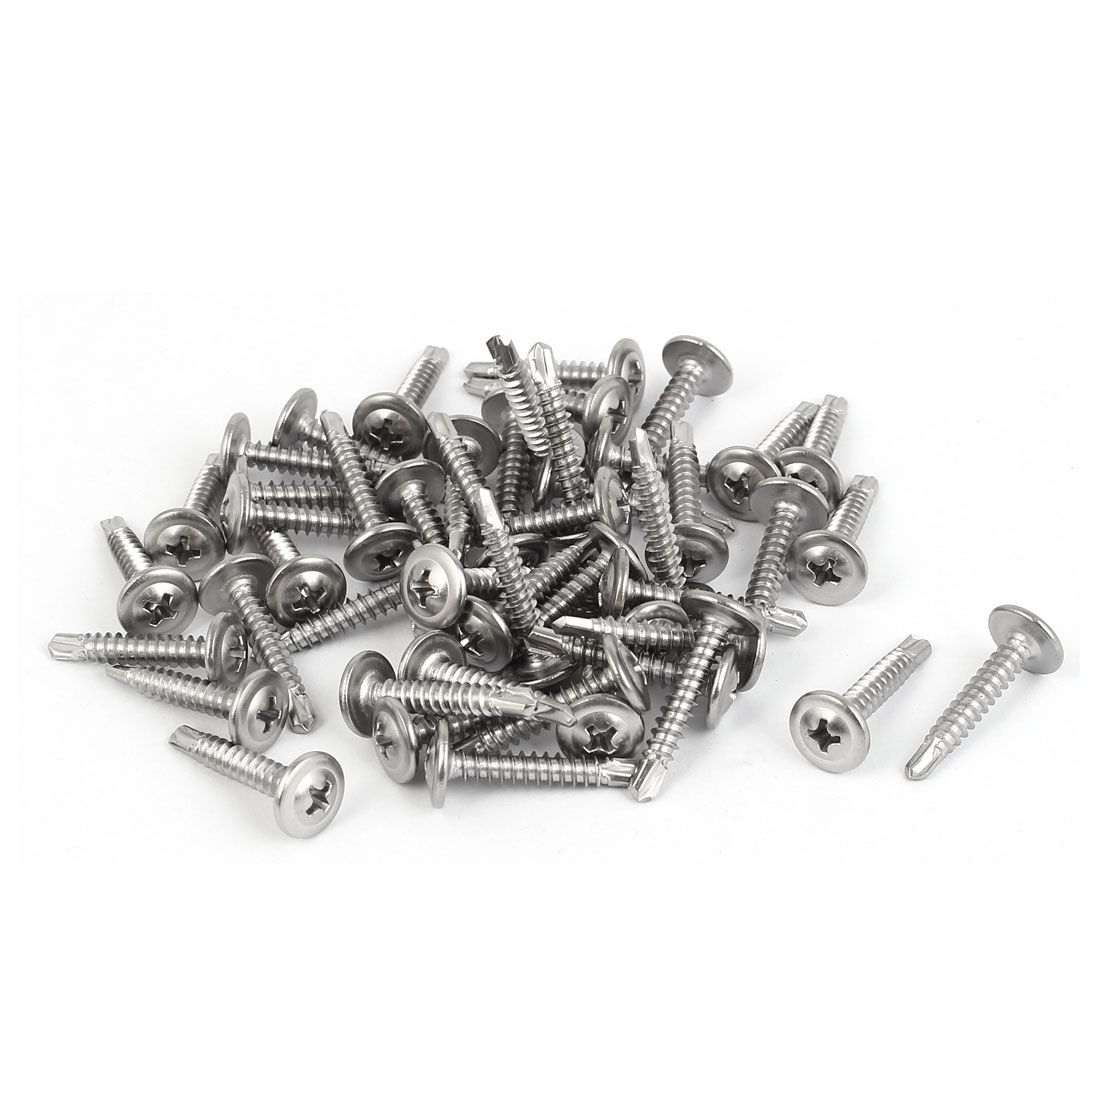 M4.2 x 25mm #8 Male Thread Stainless Steel Self Drilling Flat Head Screws 50 Pcs